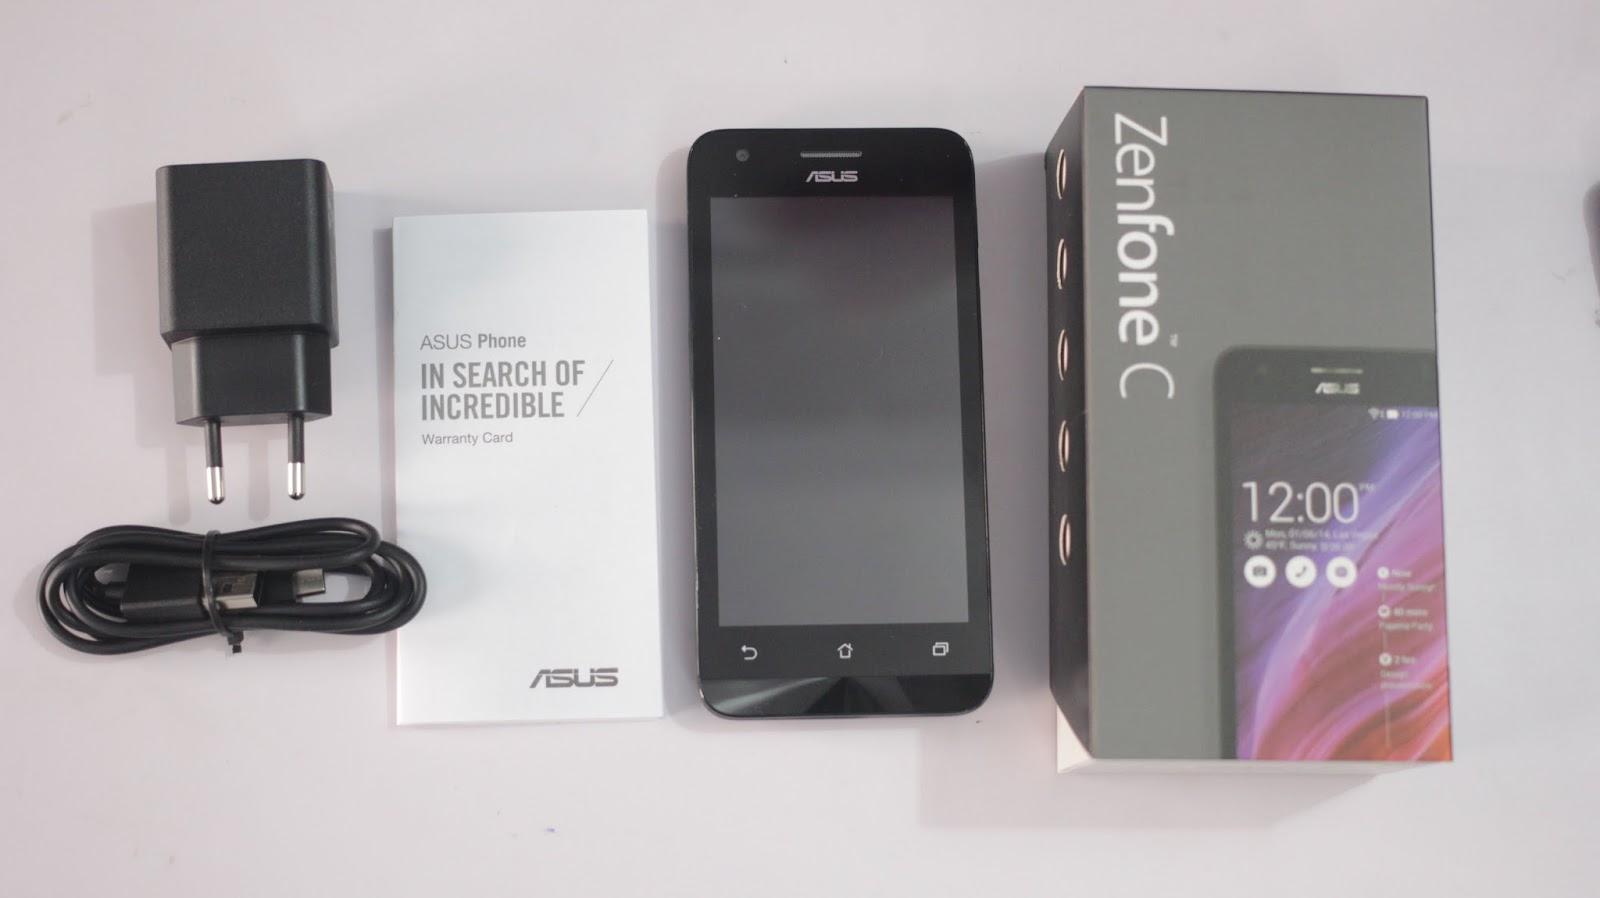 Review Dan Pengalaman Menggunakan Asus Zenfone C Z007 RAM